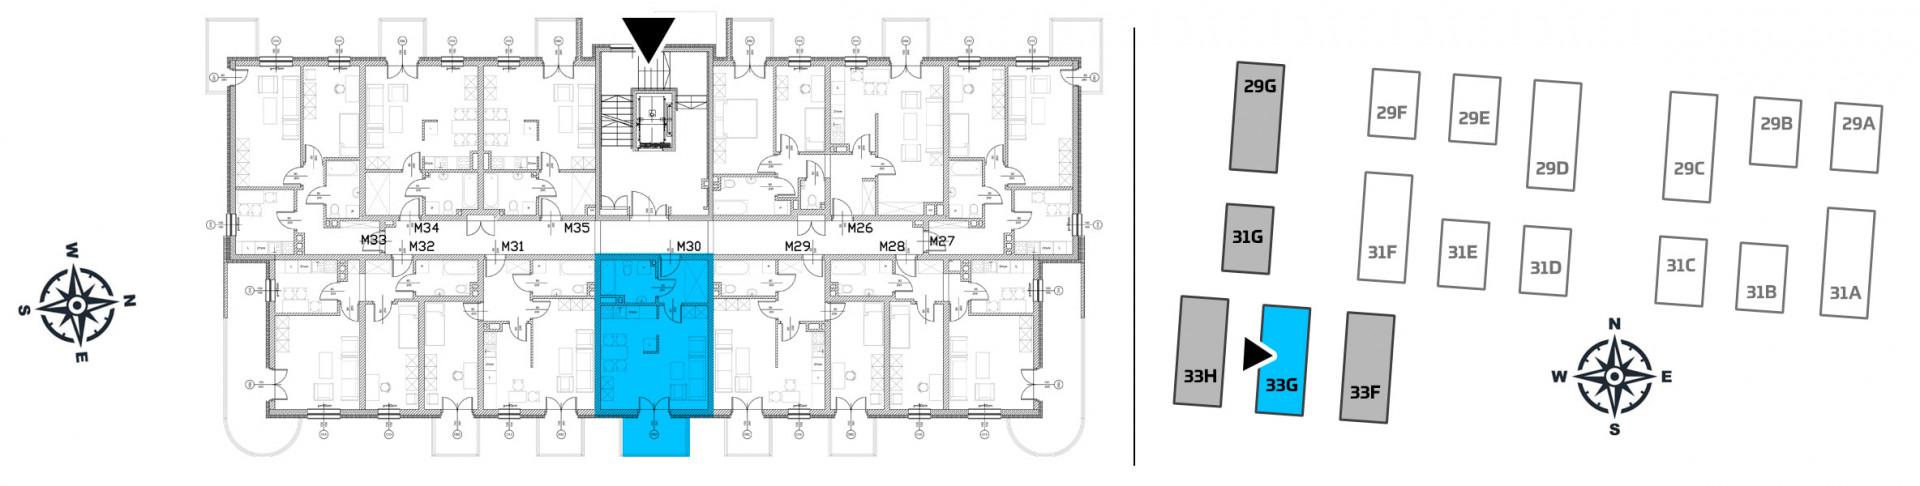 Mieszkanie jednopokojowe 33G/30 rzut 2